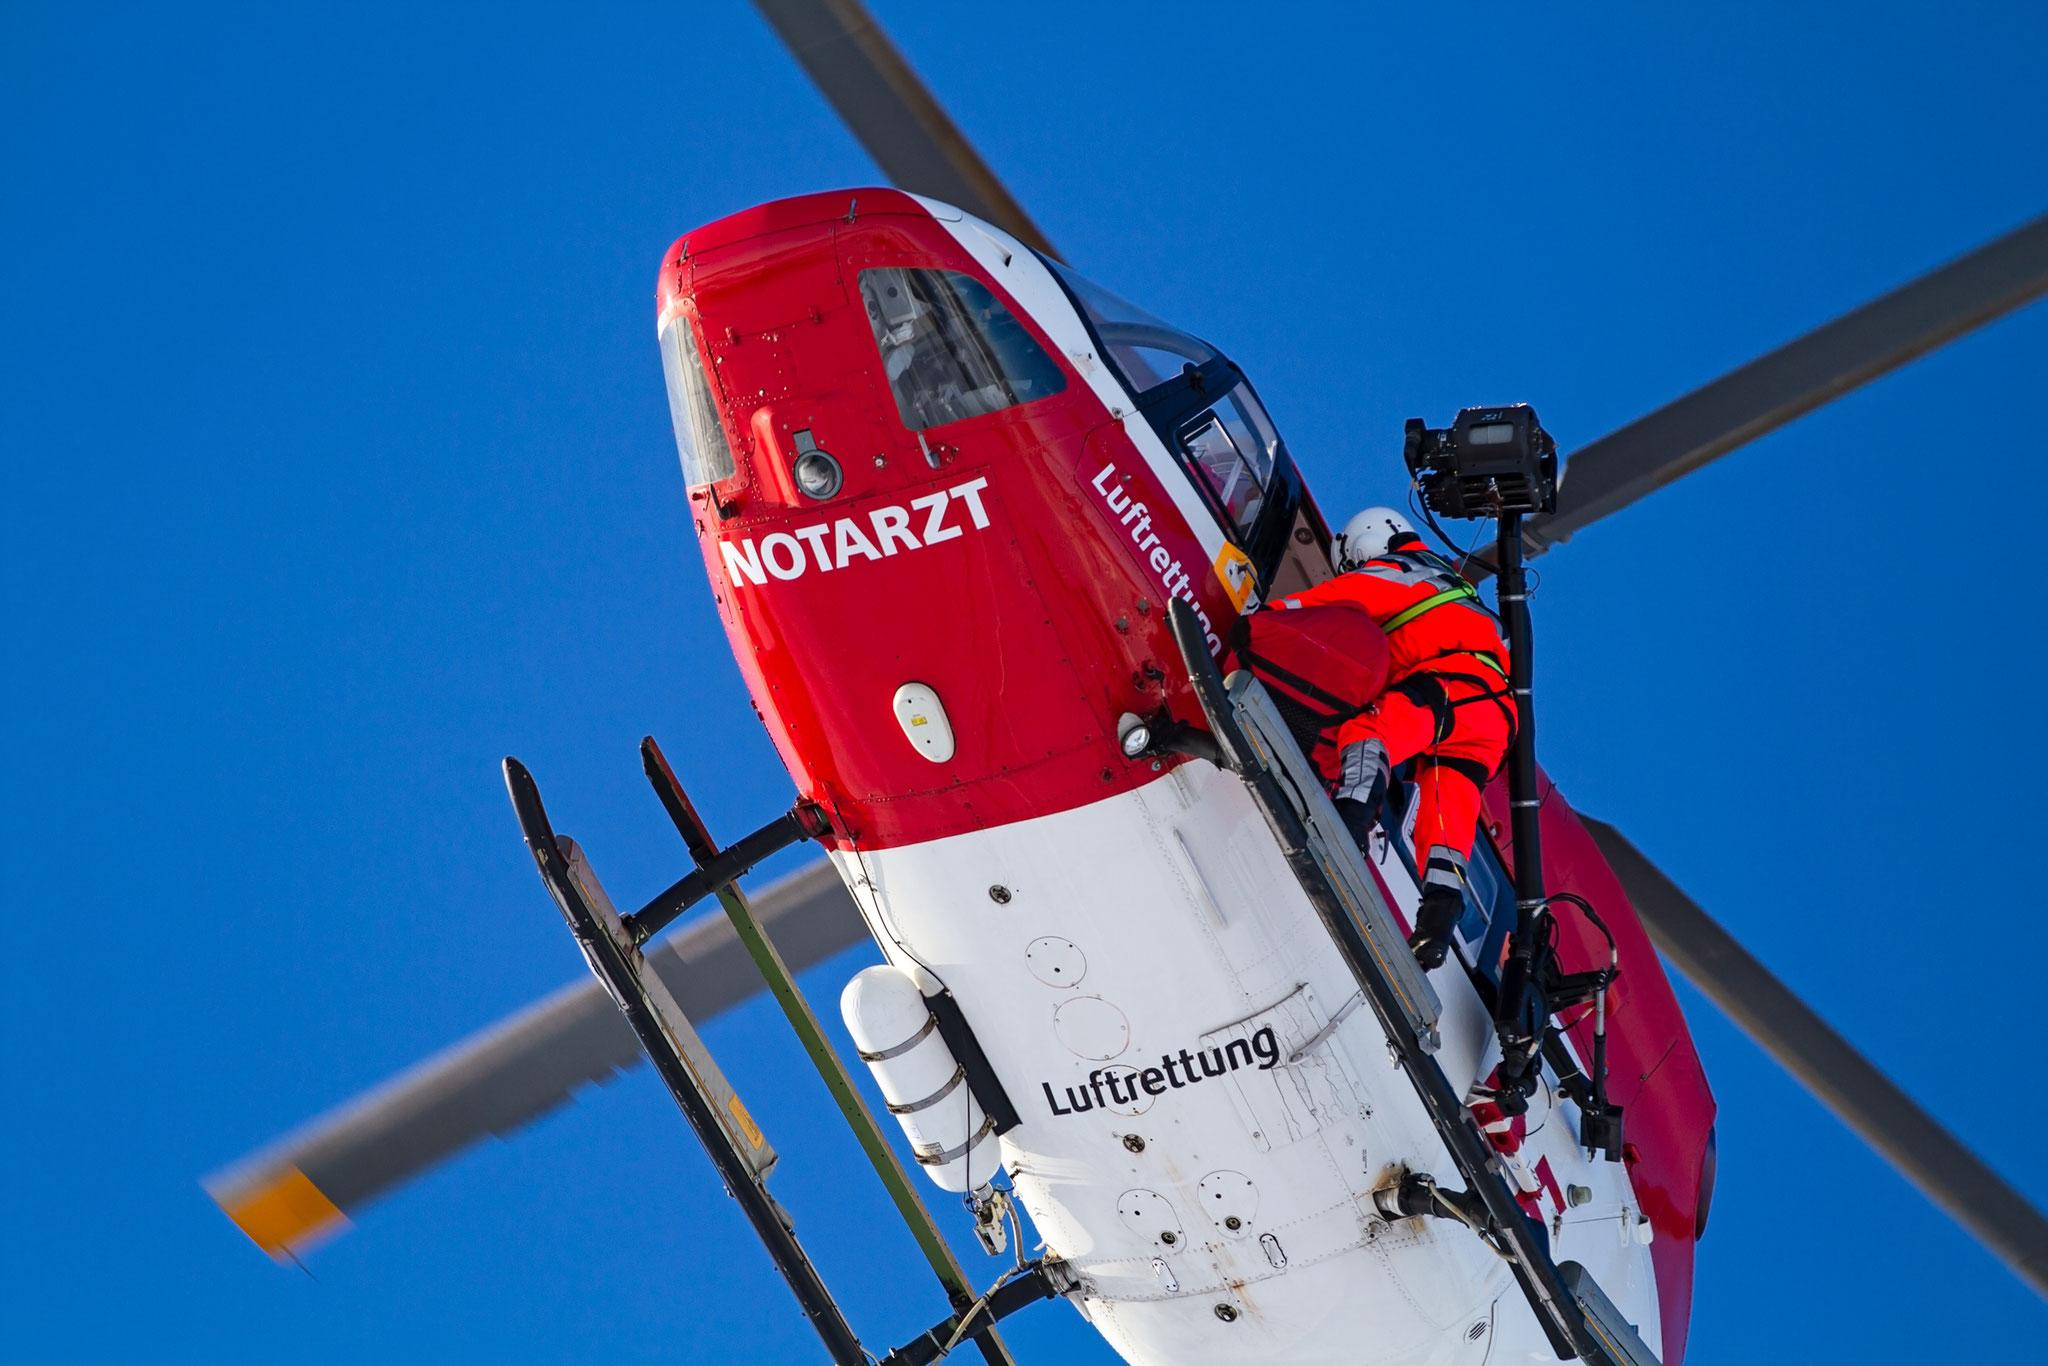 Fotoaufnahmen einer Hubschrauber-Rettungsübung.